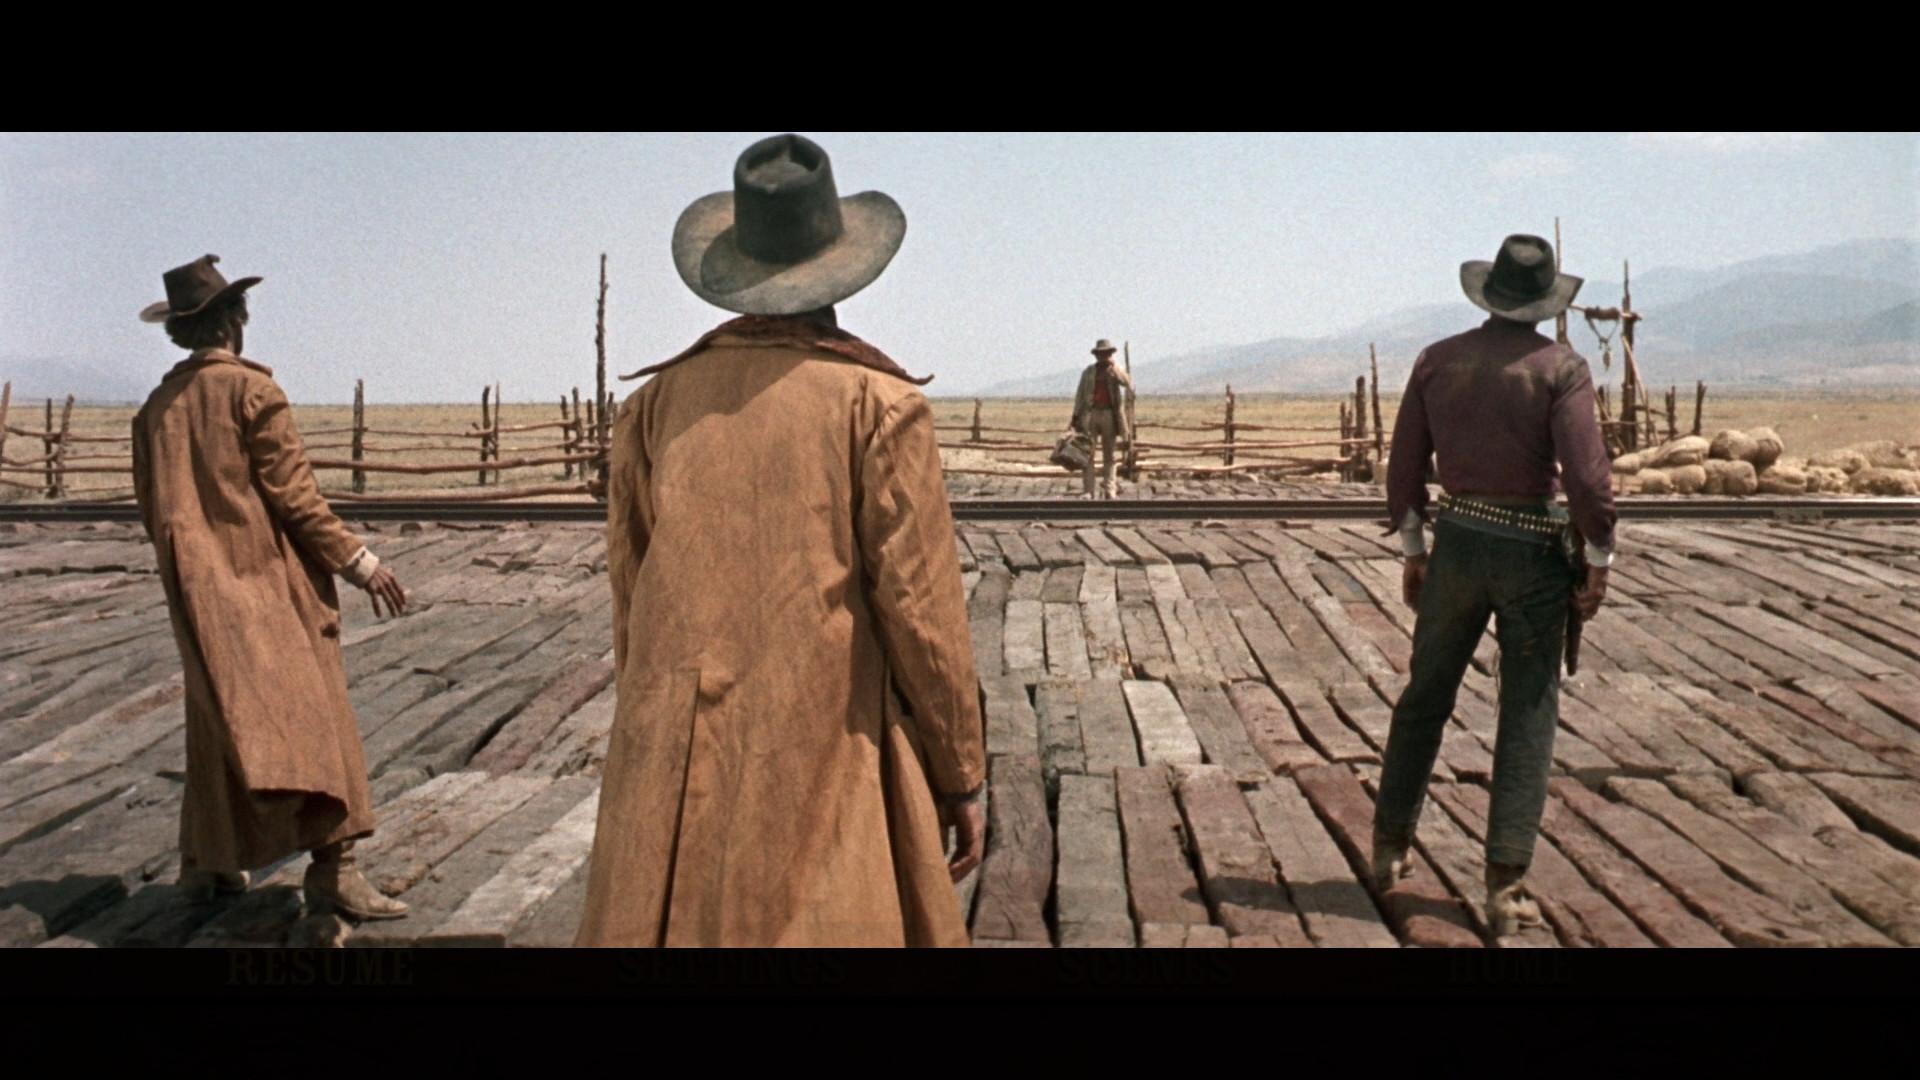 Res: 1920x1080, western movie wallpaper a3c831a940609f41c39d1edea39a1a4c